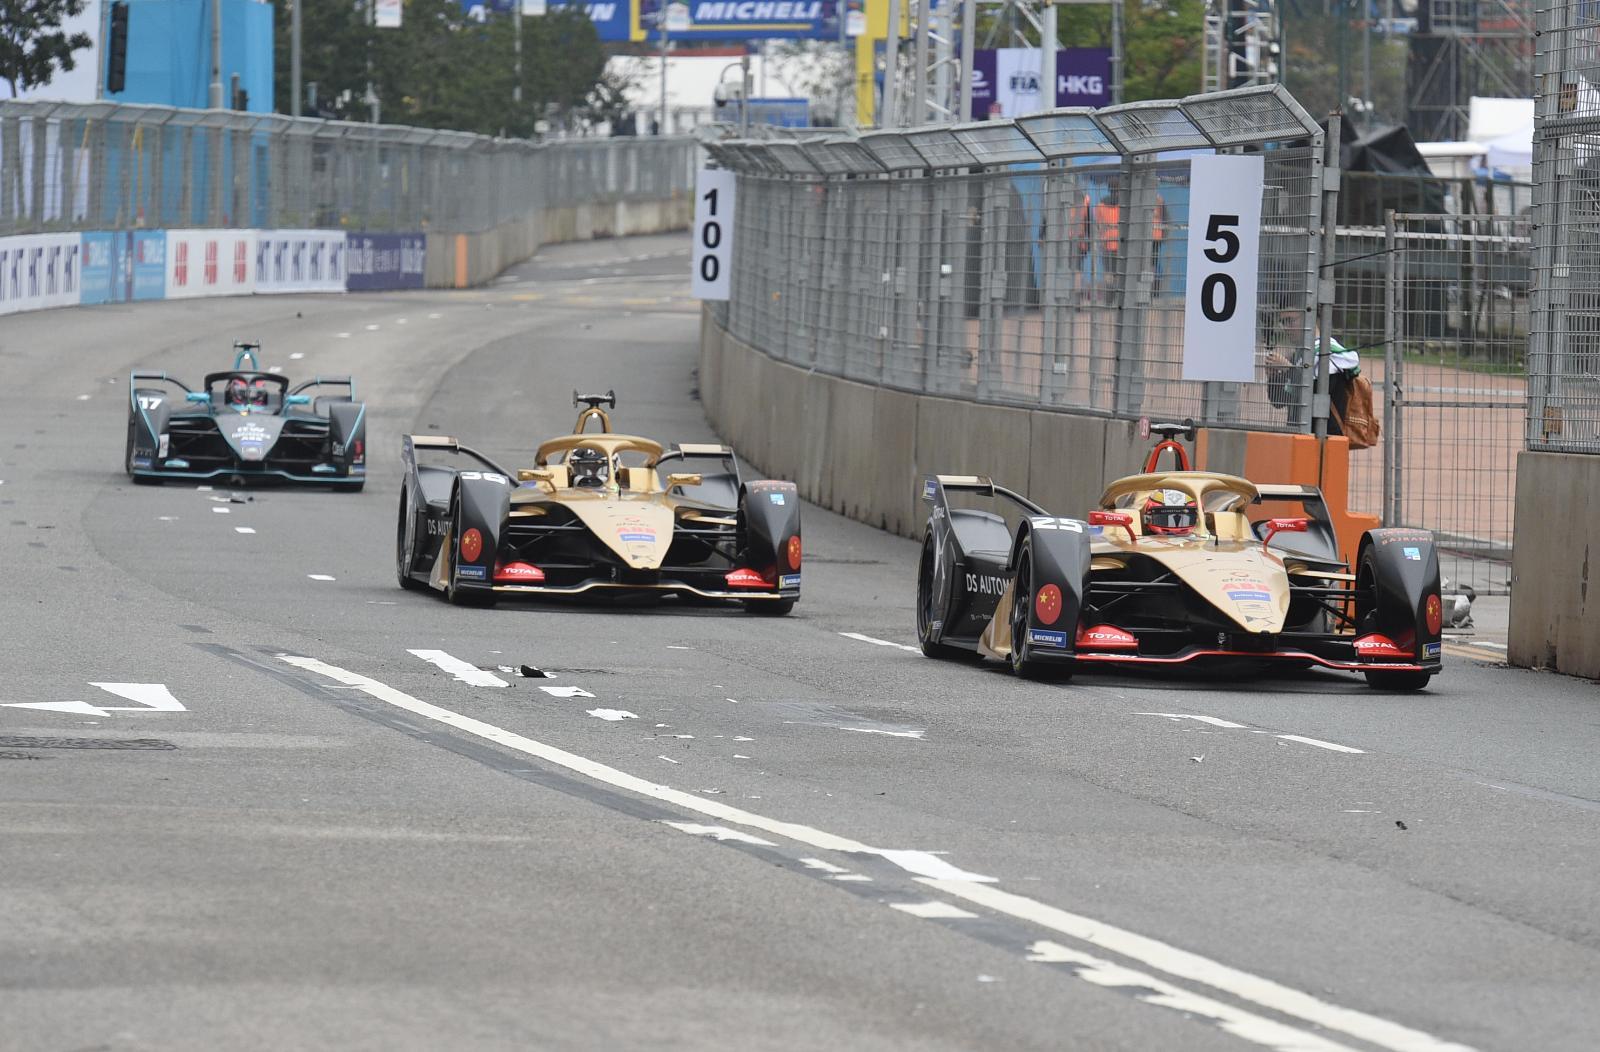 第5屆電動方程式(Formula E)香港站將於周日在中環舉行